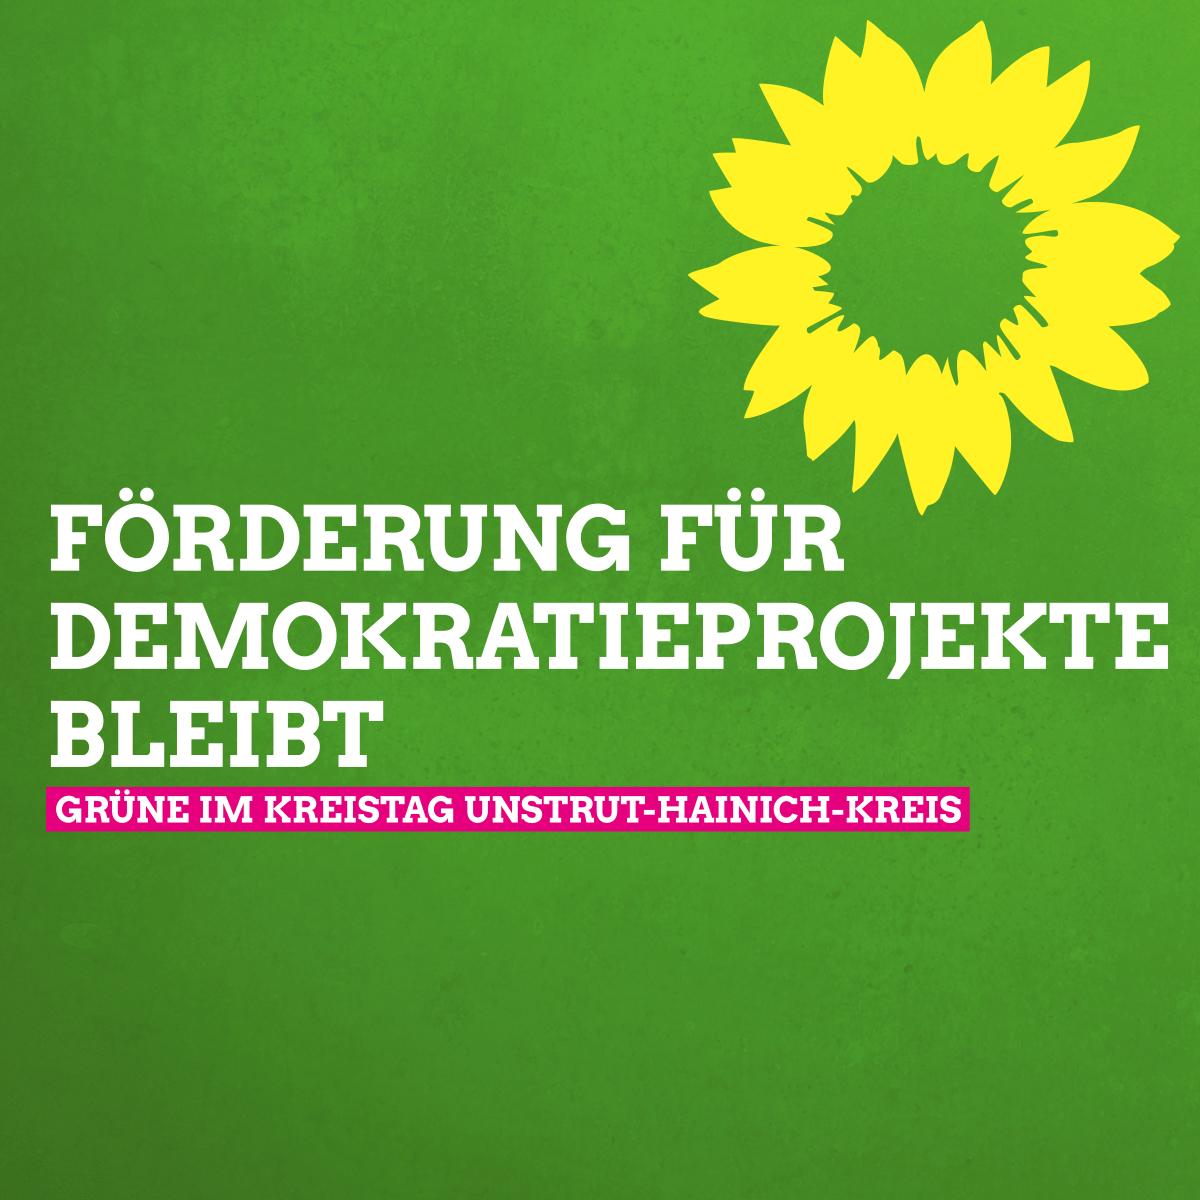 """Linke und Grüne begrüßen die Entscheidung zur Weiterführung der Förderung """"Demokratie leben"""""""